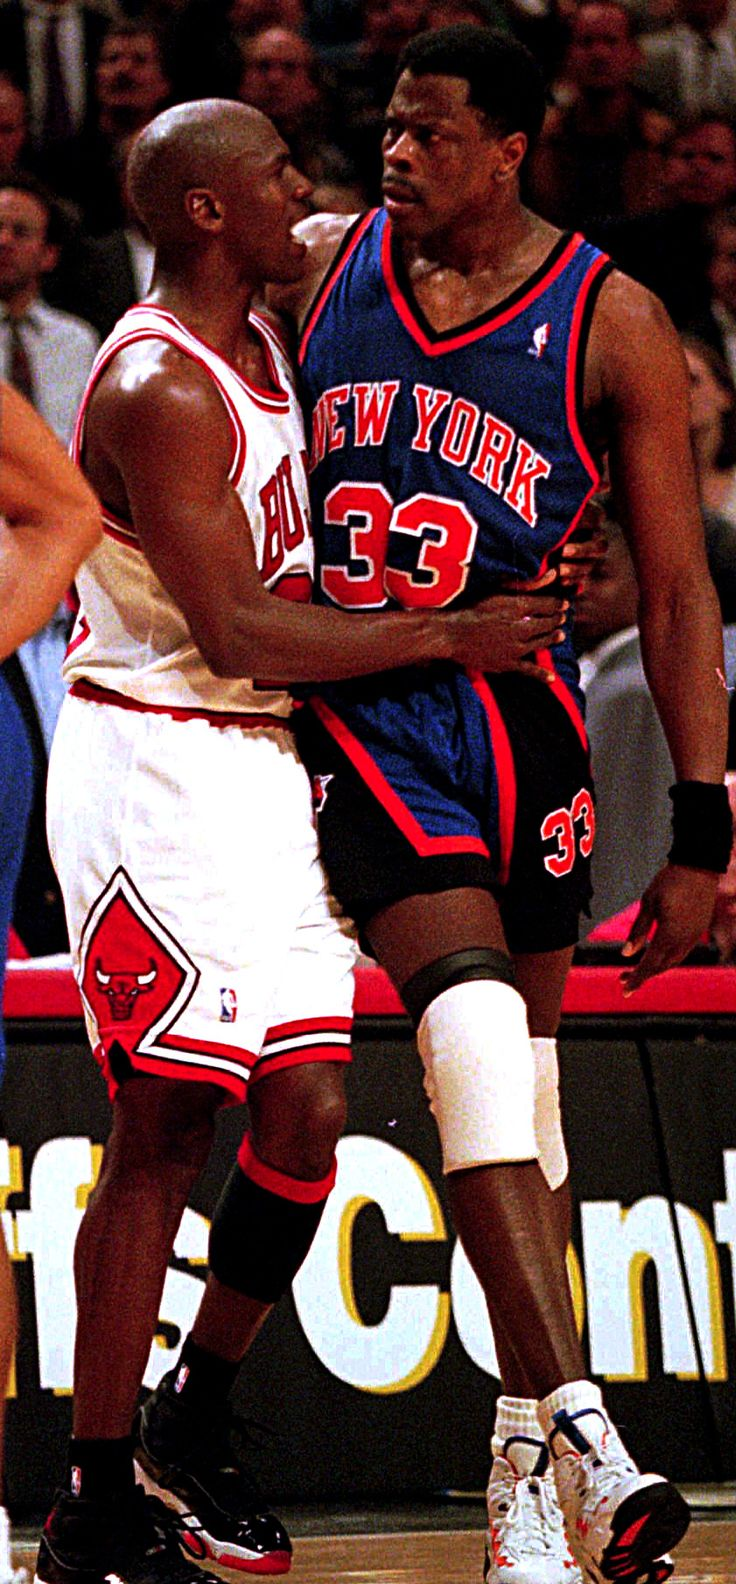 Michael Jordan(bulls) and Patrick Ewing (New York Knicks)